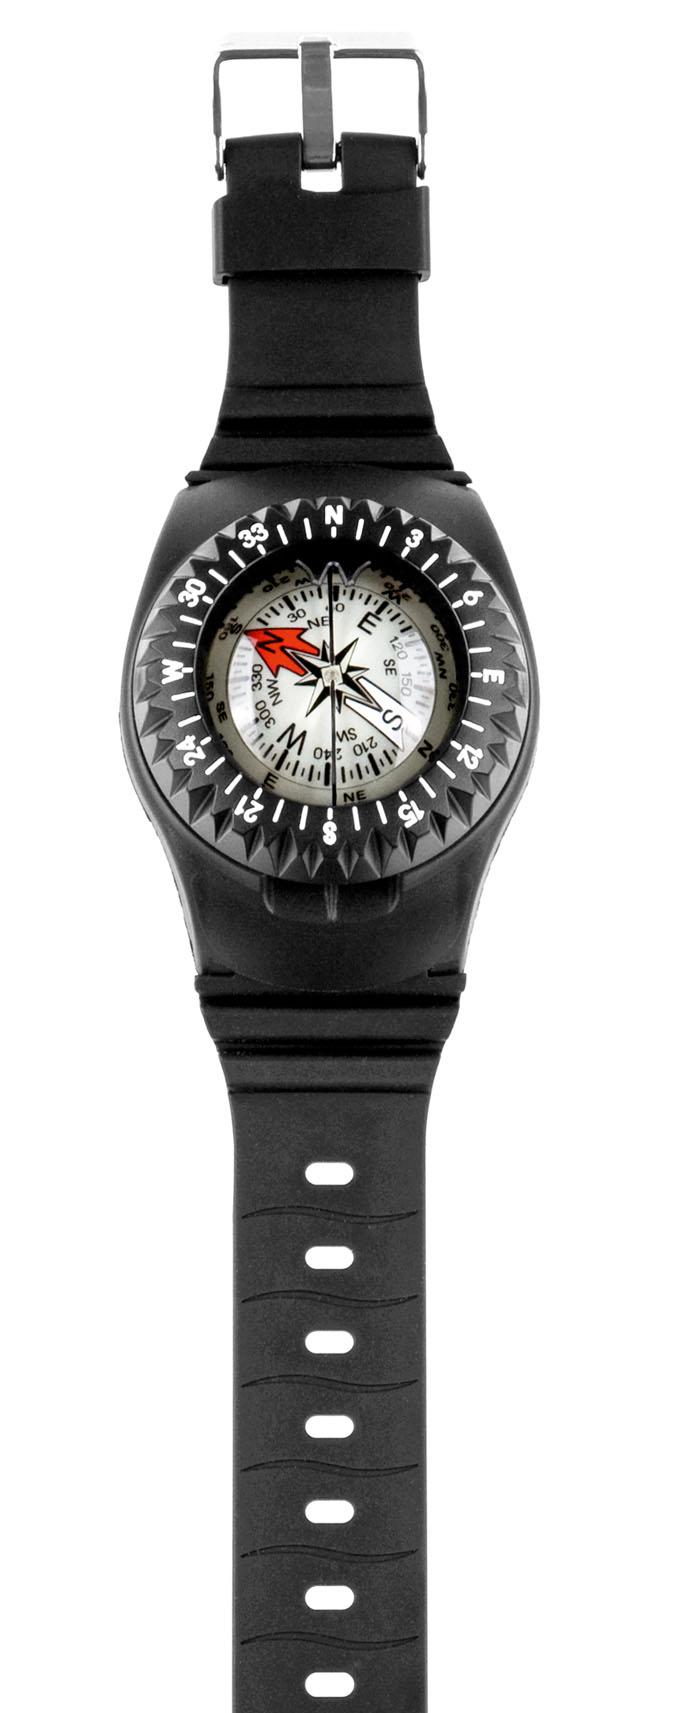 Scubapro Pols kompas FS2